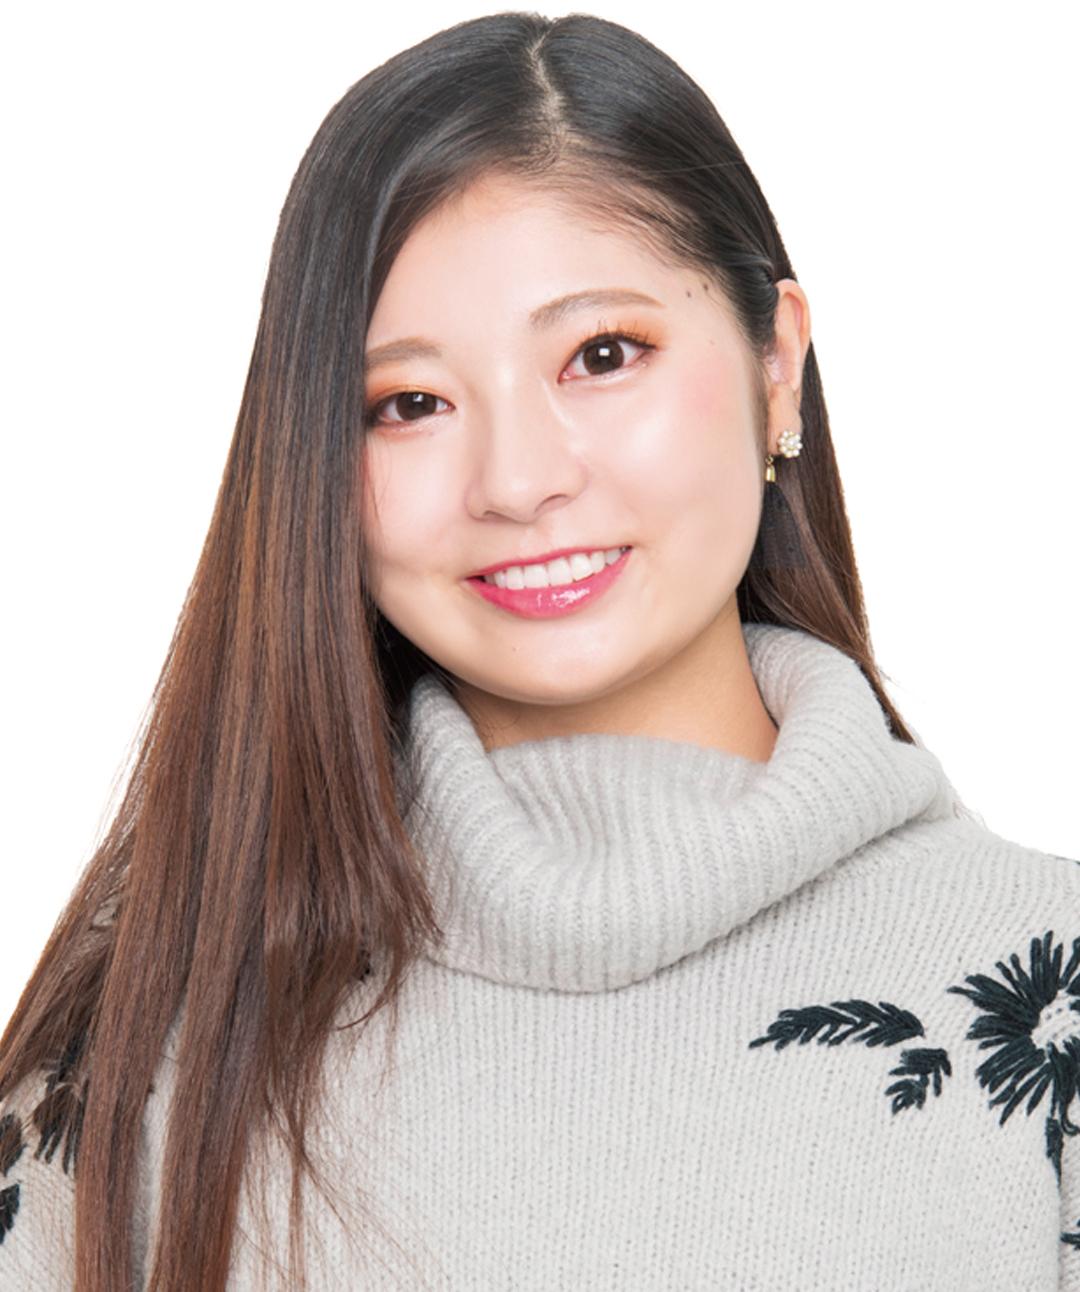 祝♡ 新加入! 5期生のブログをまとめてチェック【カワイイ選抜】_1_11-1